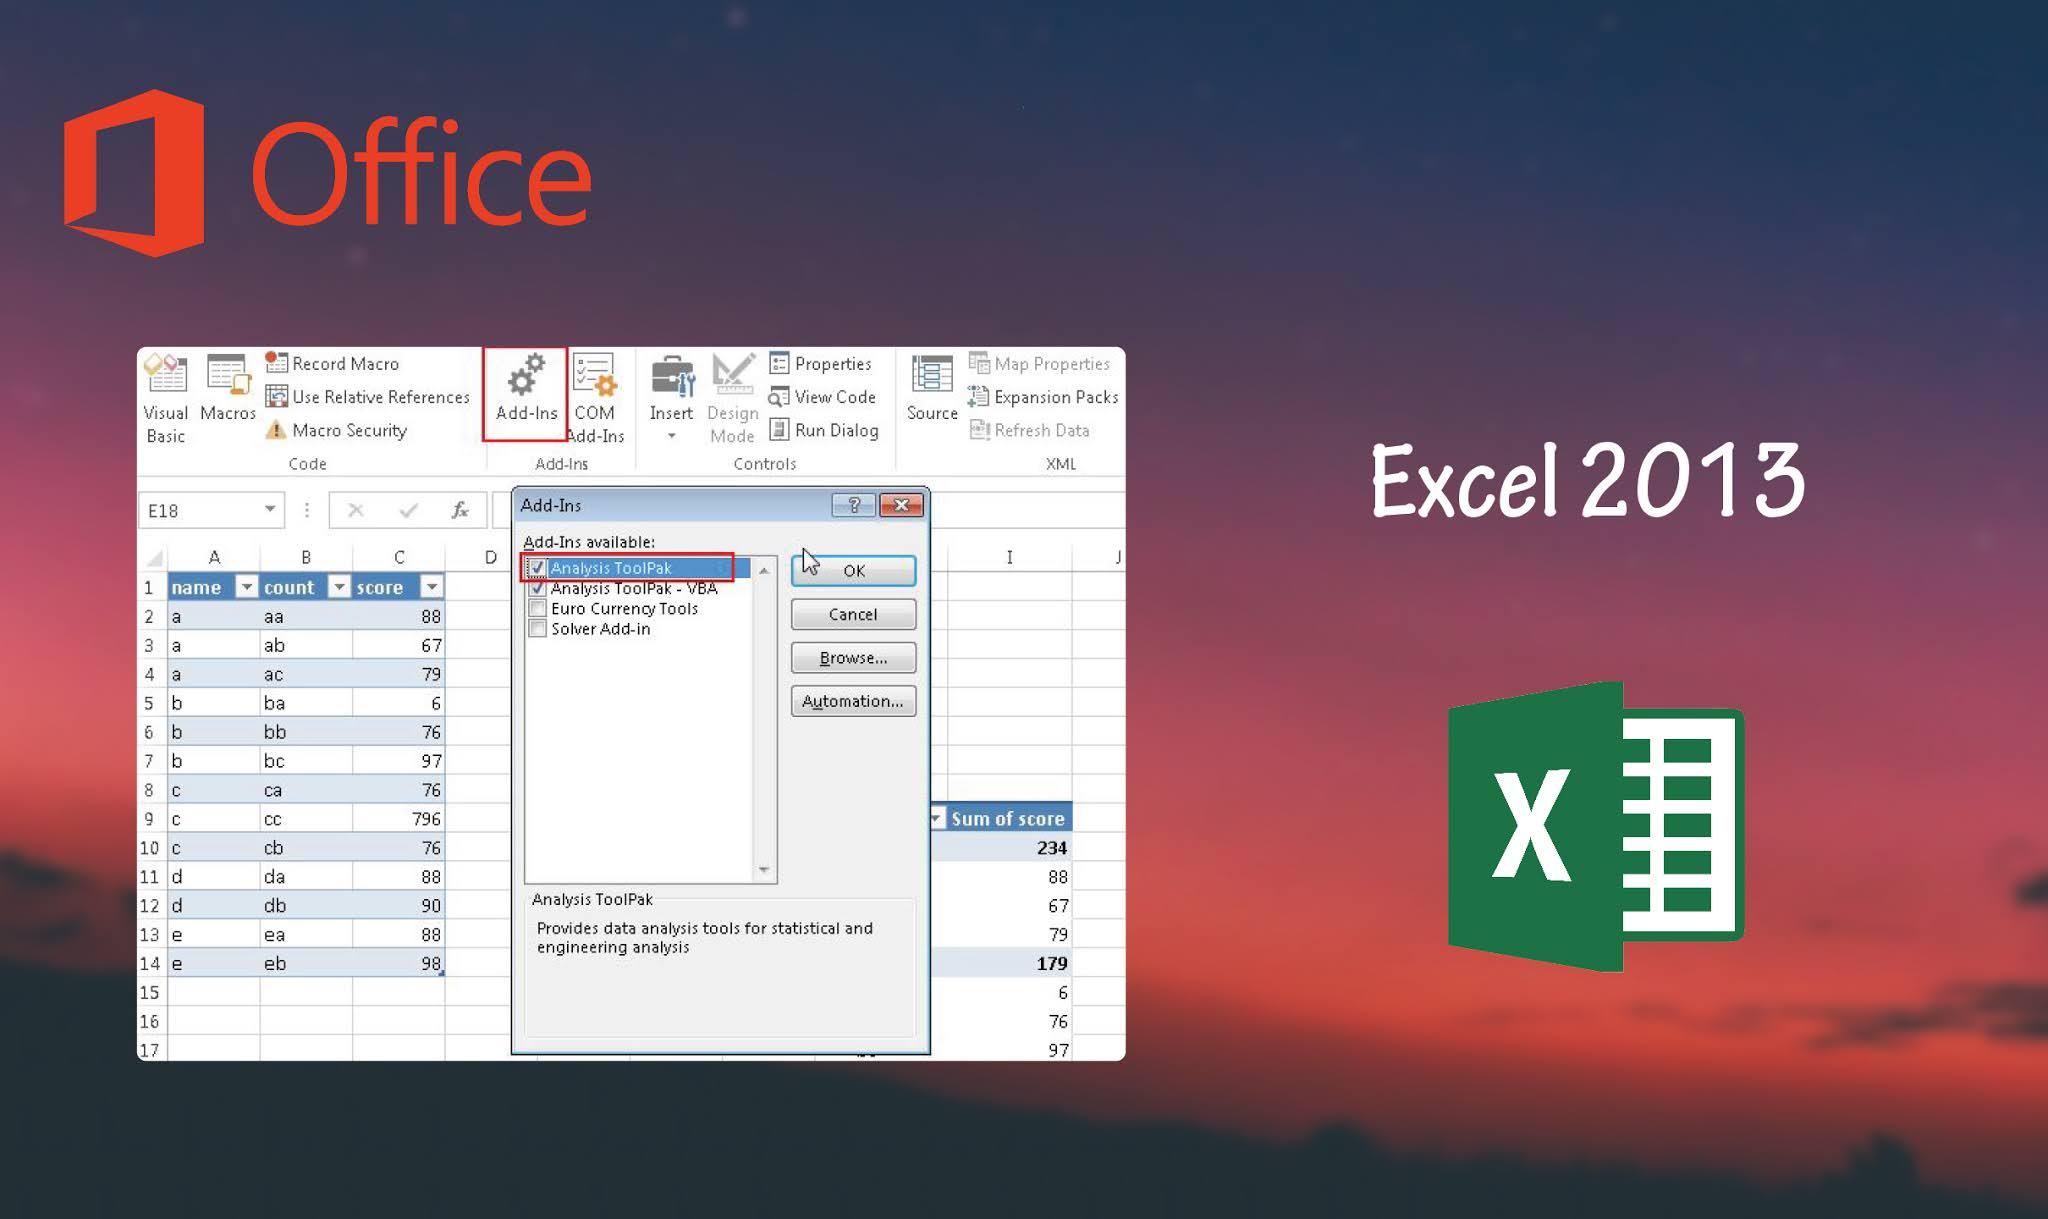 Télécharger Excel 2013 gratuitement